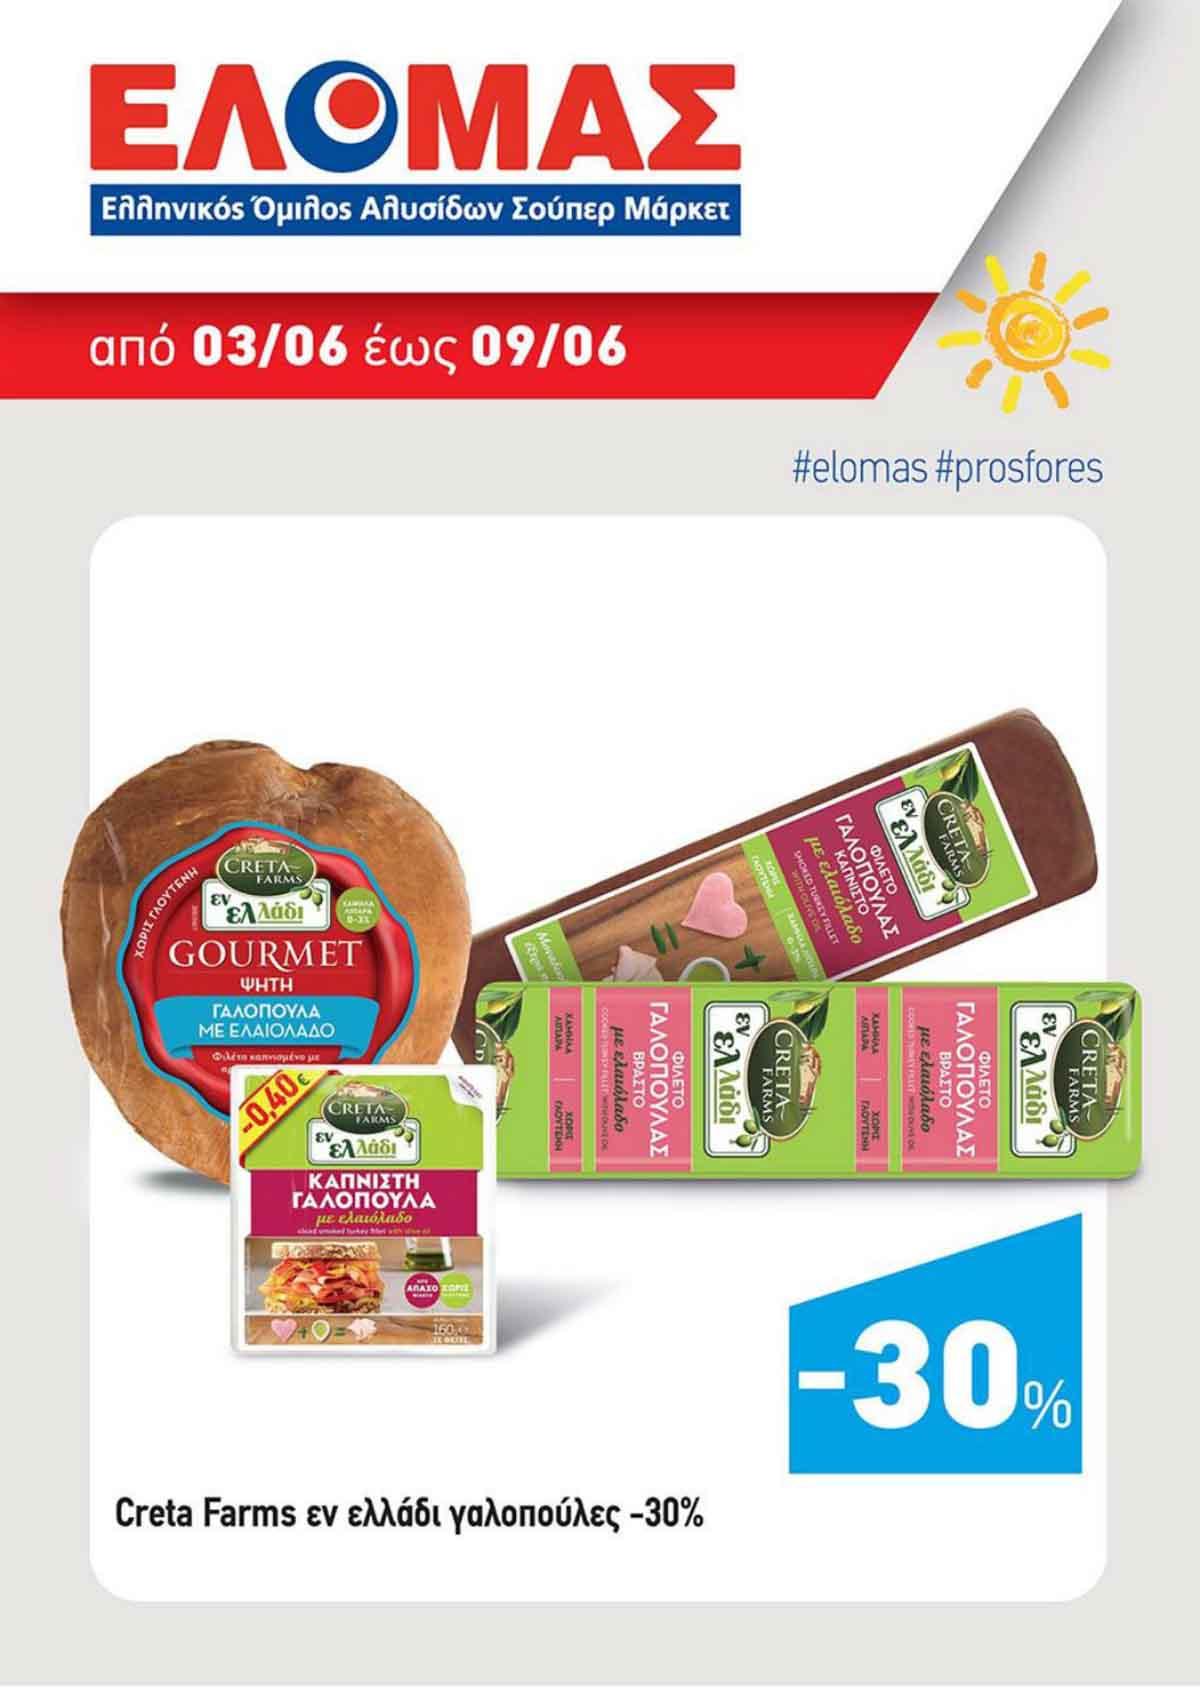 elomas-fylladio-prosfores-elomas-super-market- (1)